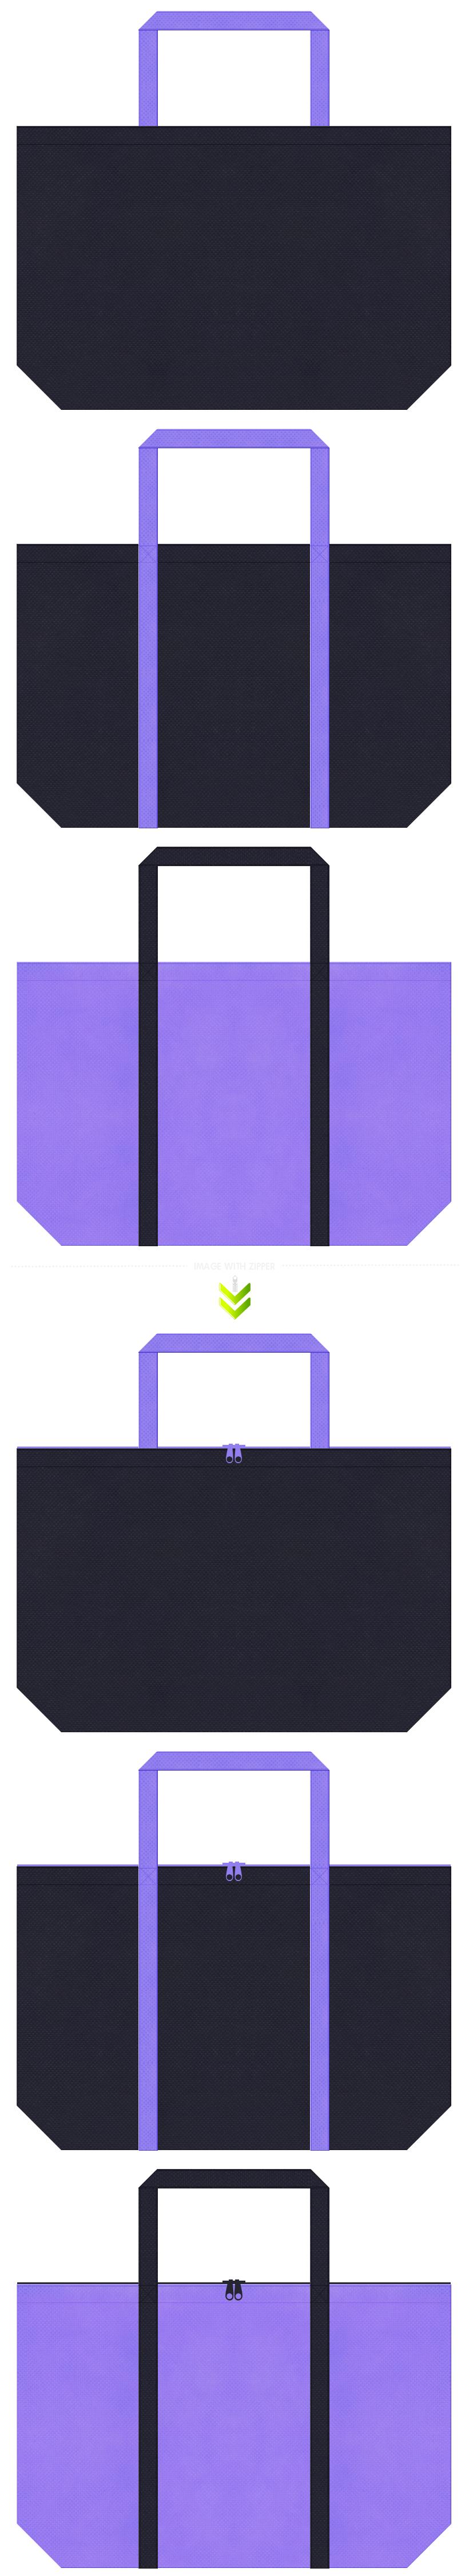 濃紺色と薄紫色の不織布エコバッグのデザイン。スポーティーファッションのショッピングバッグにお奨めです。